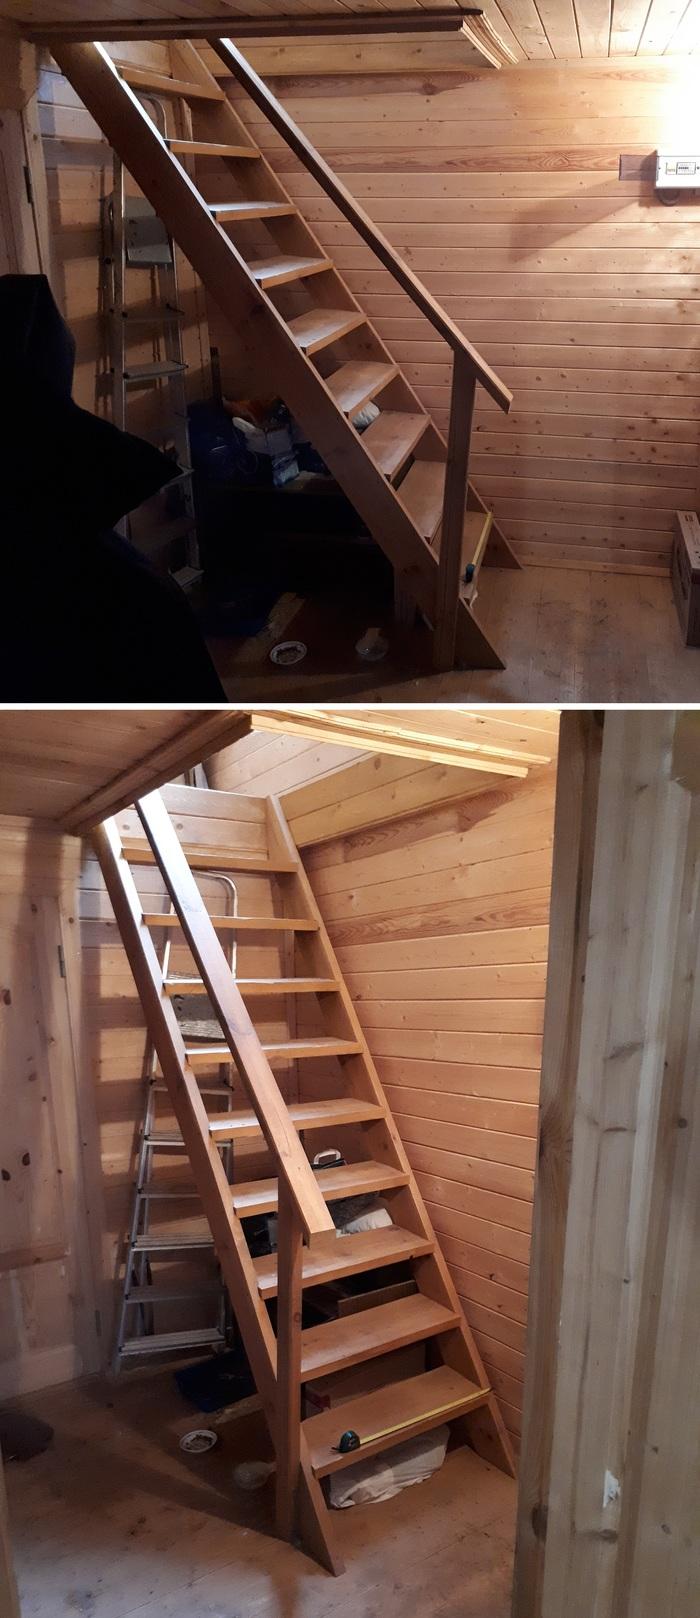 Лестница своими руками, от IT-шника. лестница, своими руками, дача, первый раз, длиннопост